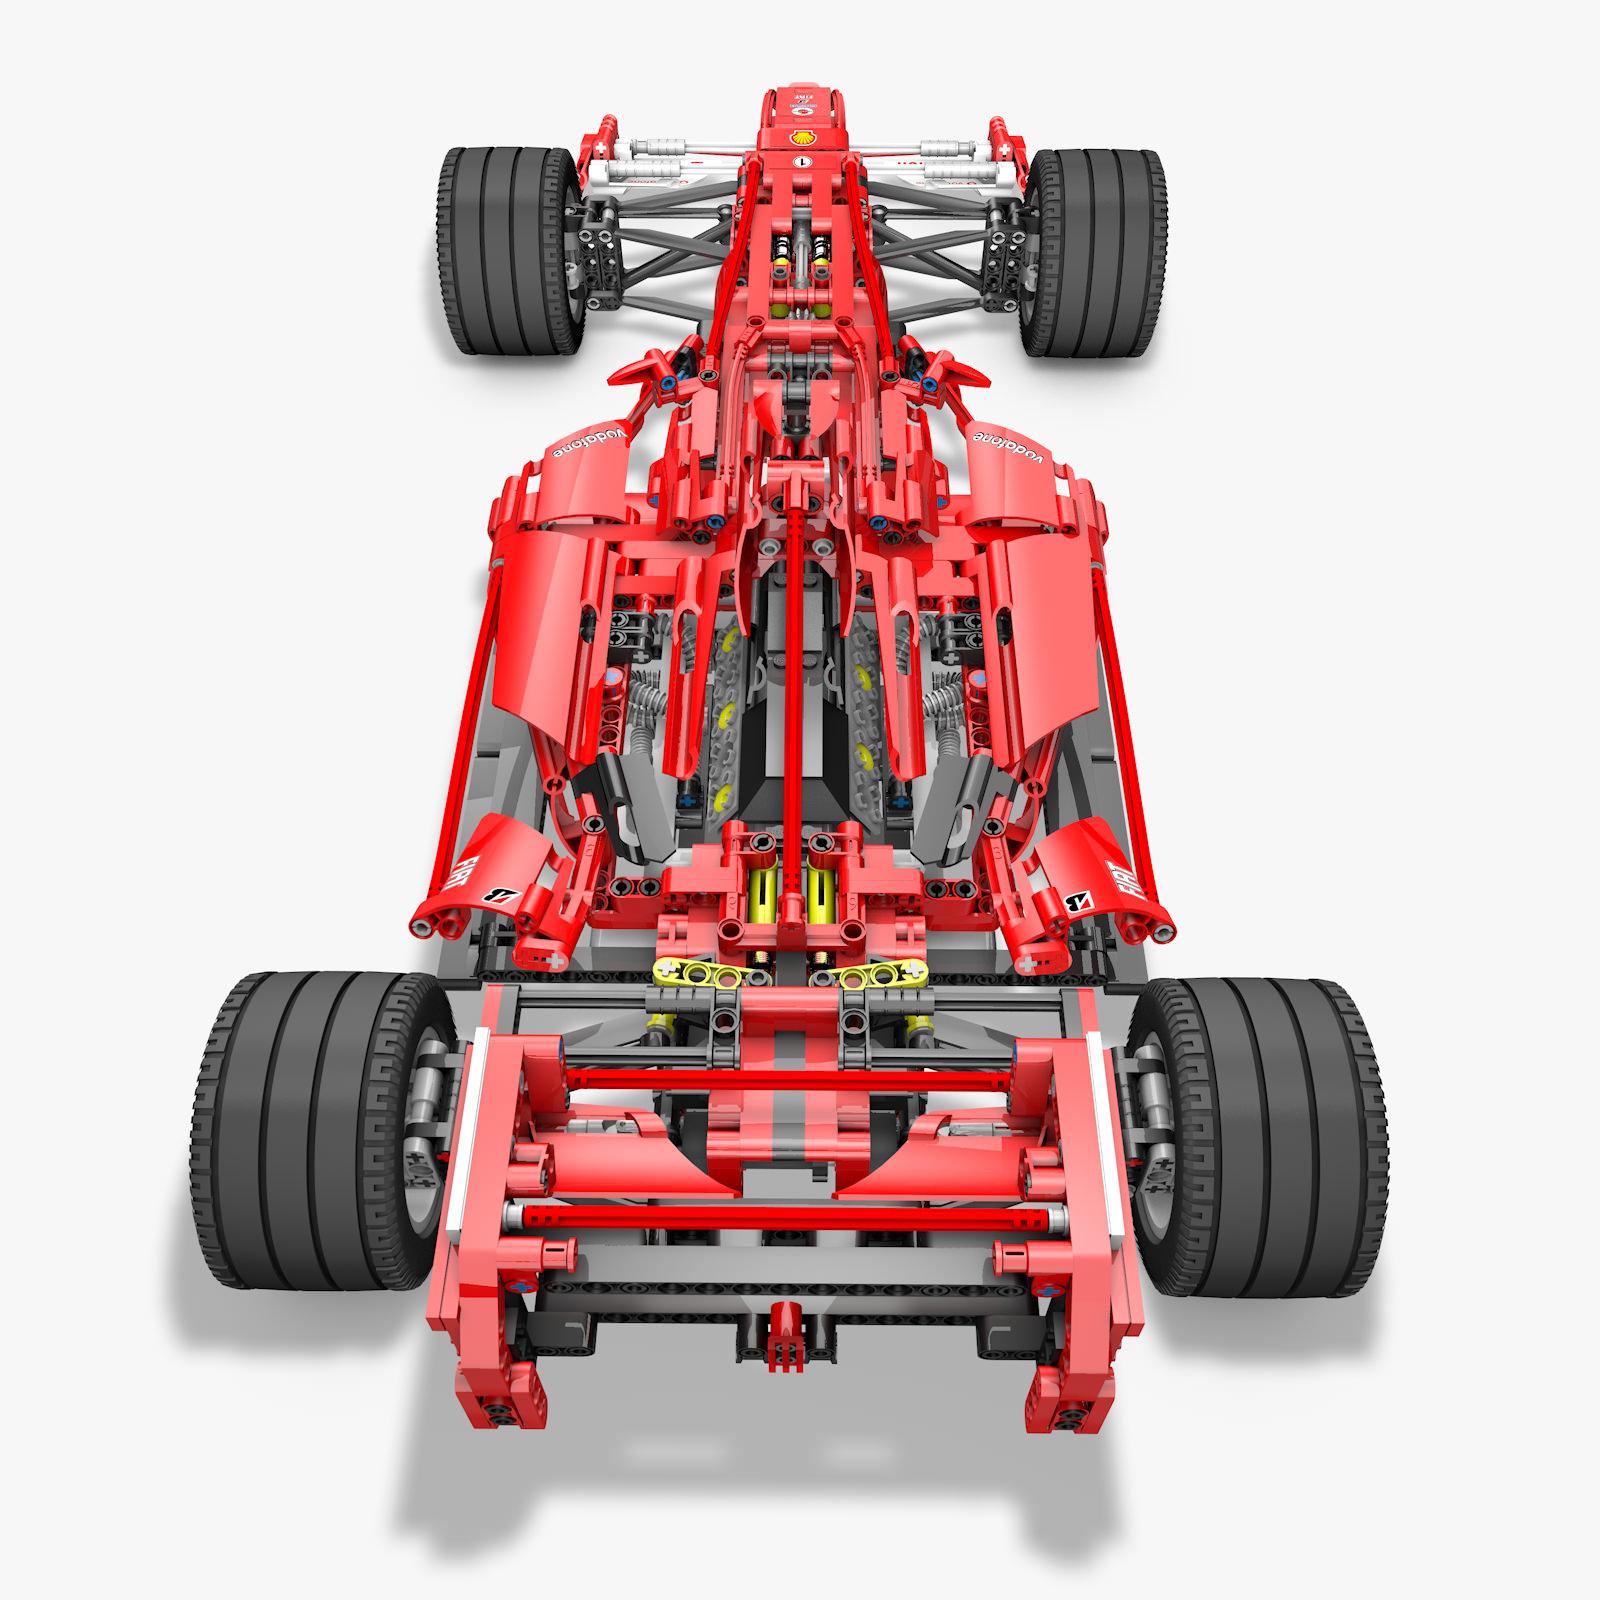 Lego 8674 F1 Racers 3D Model .obj .fbx .c4d - CGTrader.com